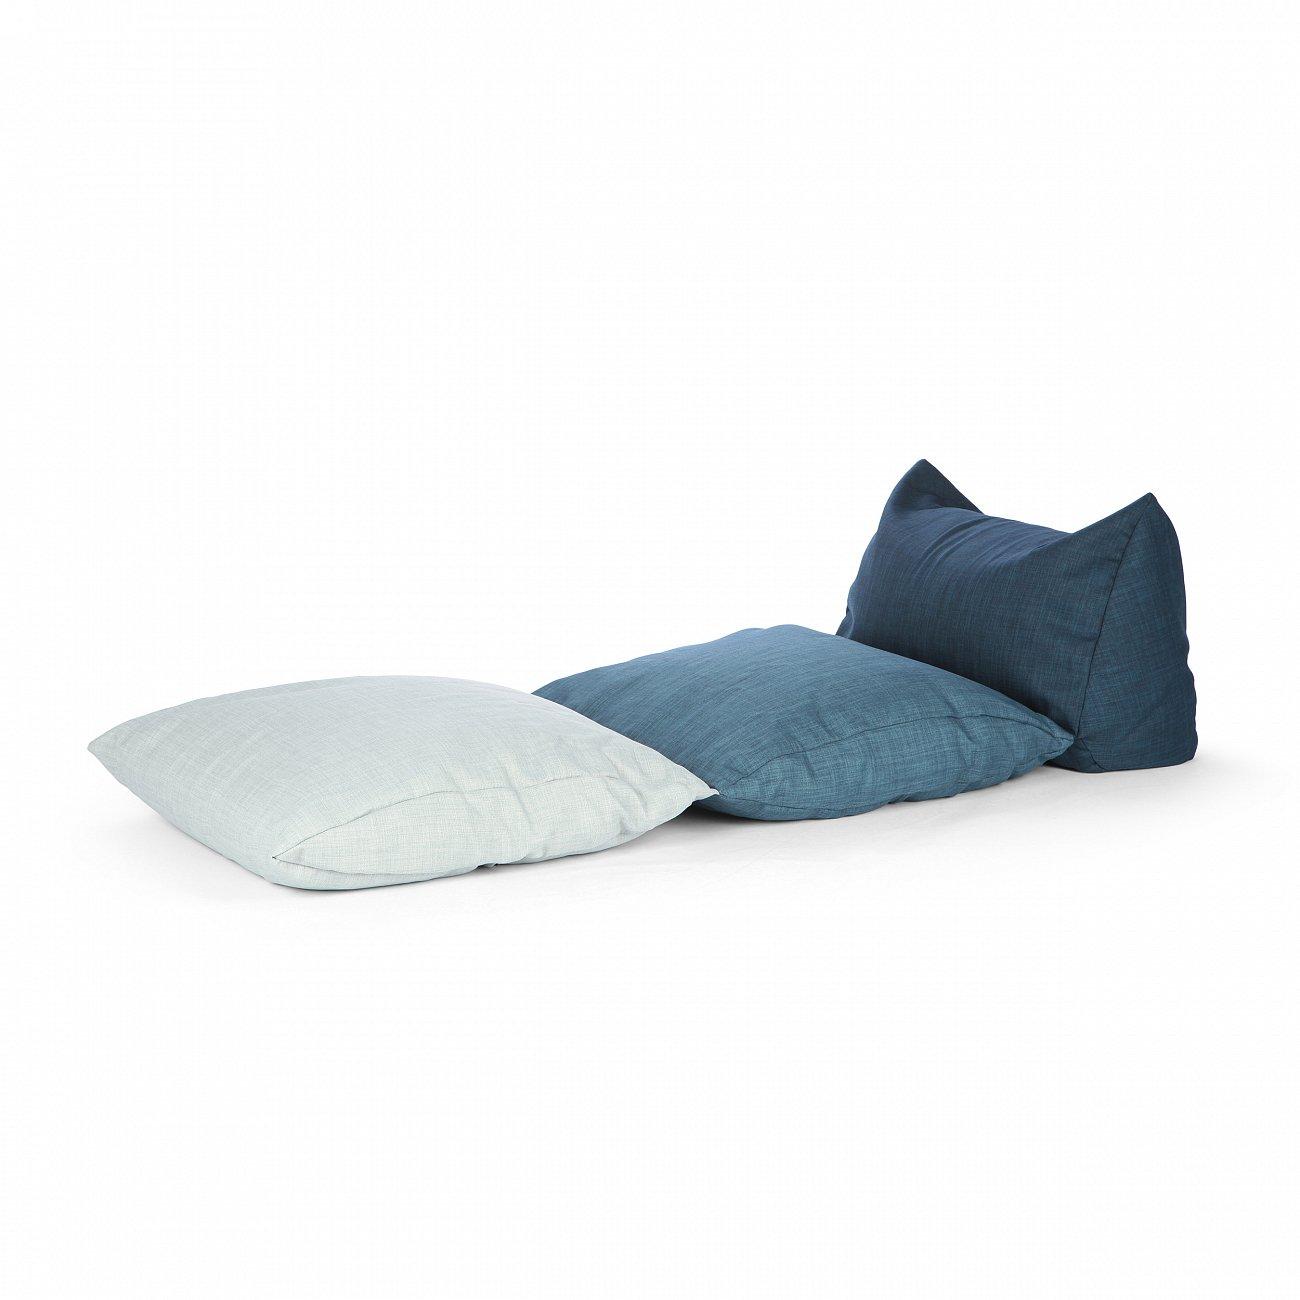 Купить Пуф Pigalle разноцветный в интернет магазине дизайнерской мебели и аксессуаров для дома и дачи